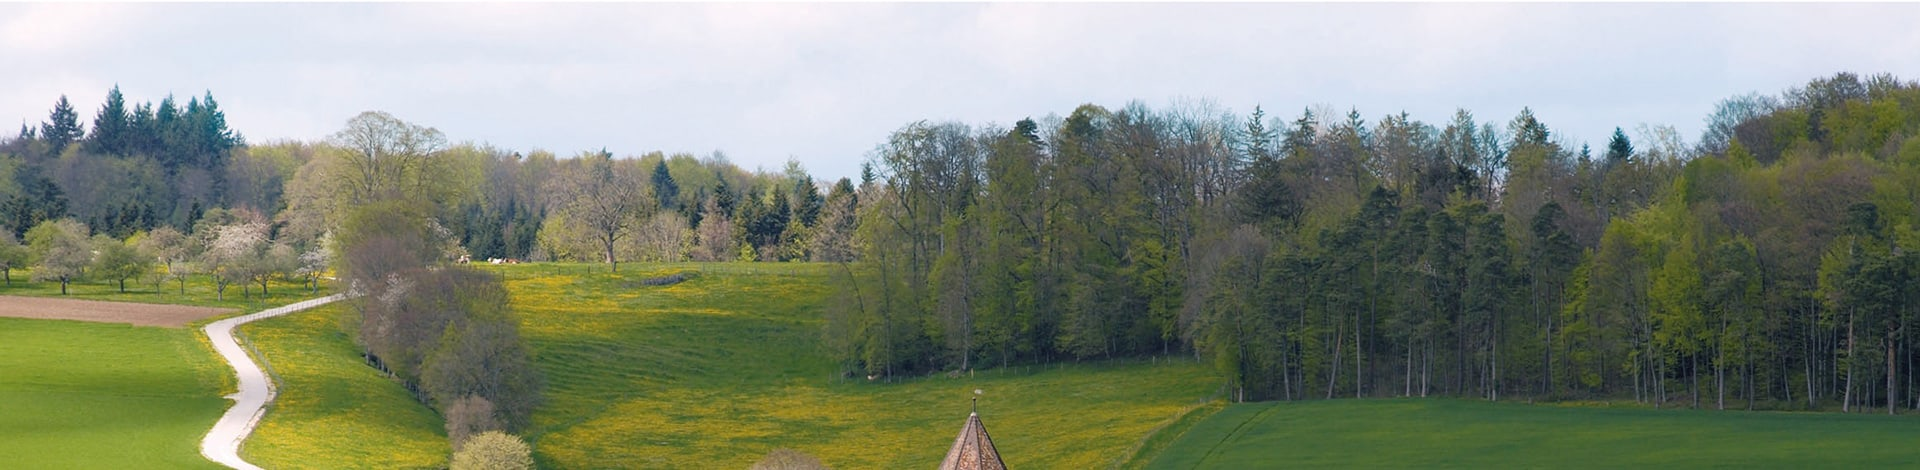 Wald und Wiese in der Region Jura